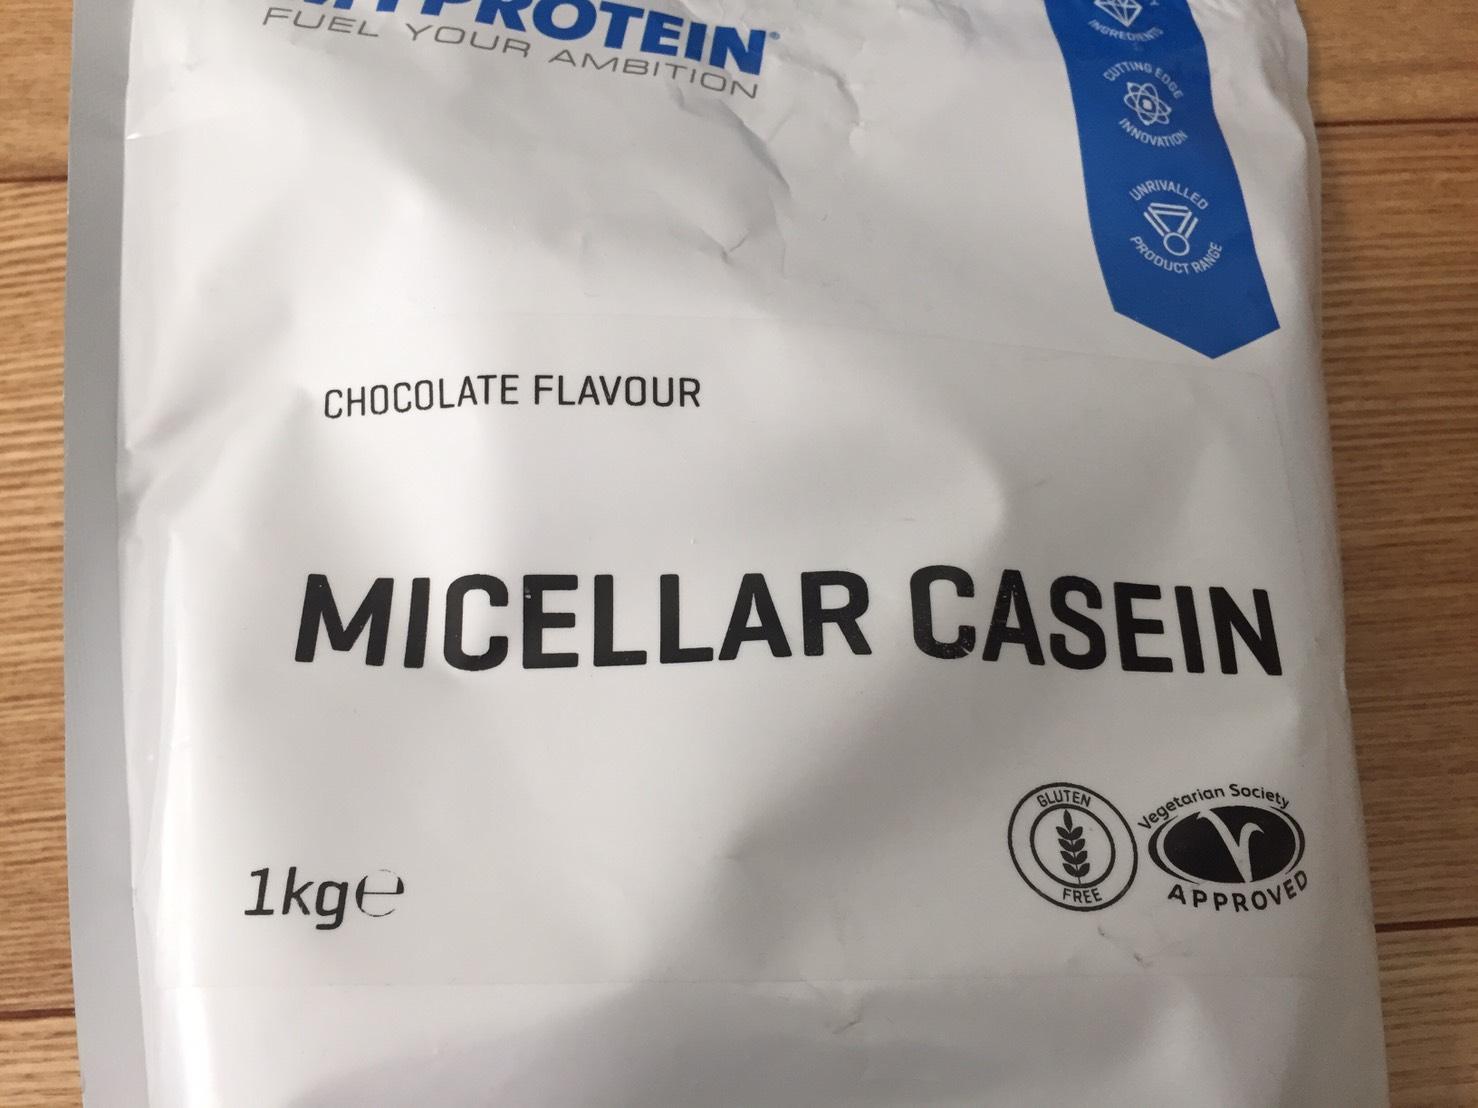 カゼインミセル「CHOCOLATE FALVOUR(チョコレート味)」